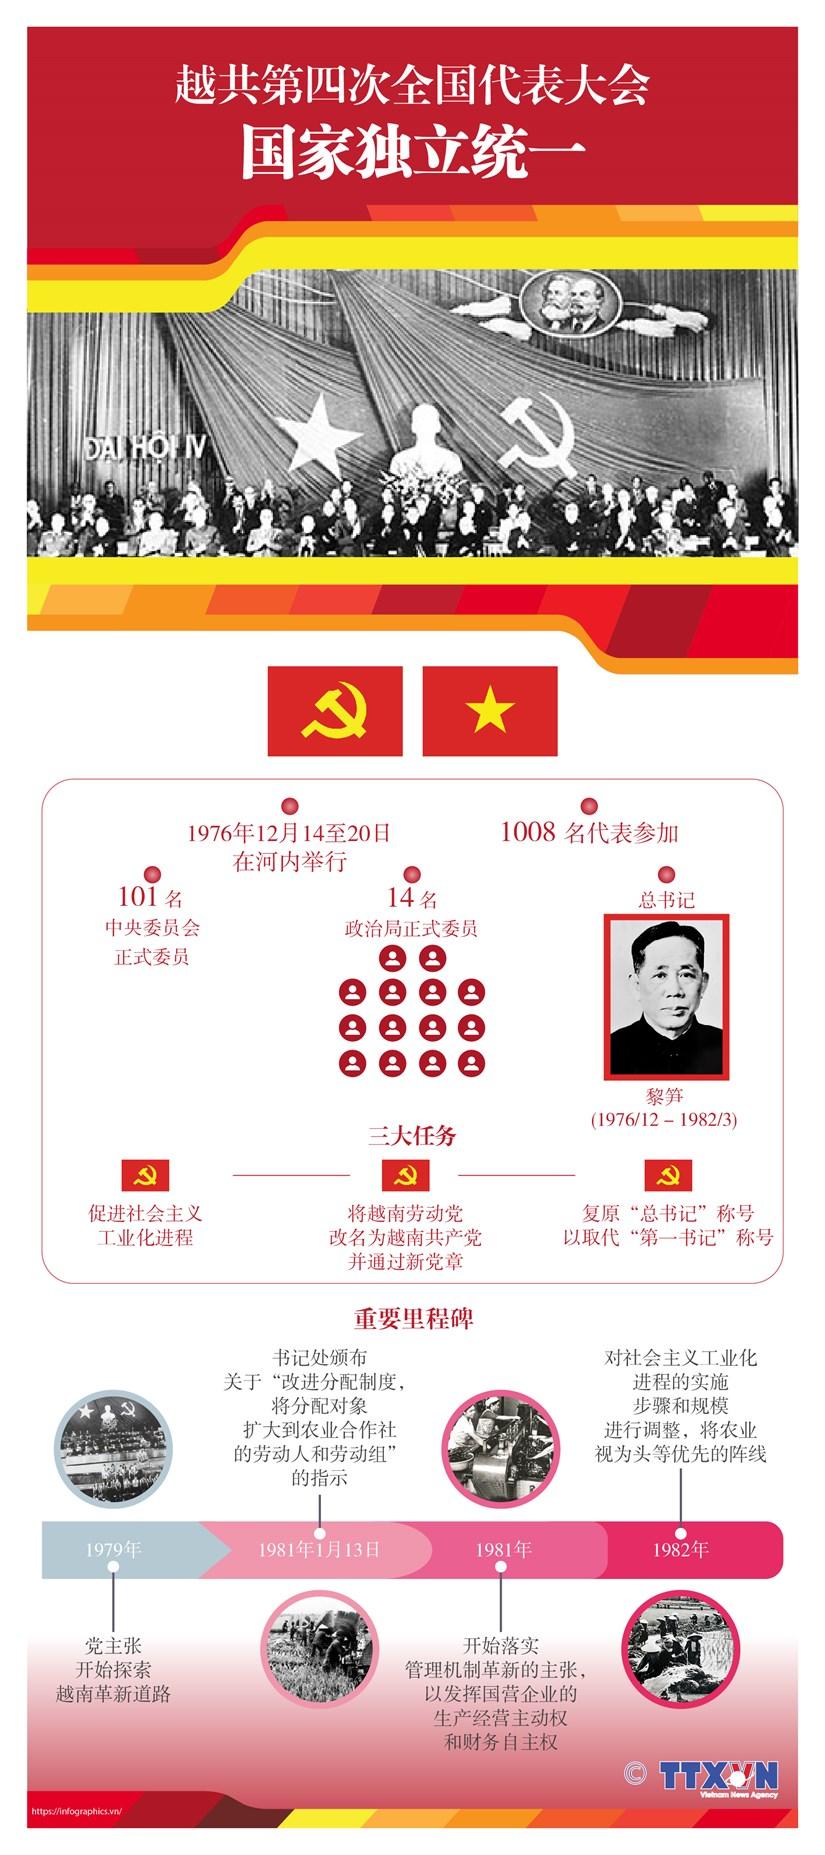 图表新闻:越共第四次全国代表大会:国家独立统一 hinh anh 1